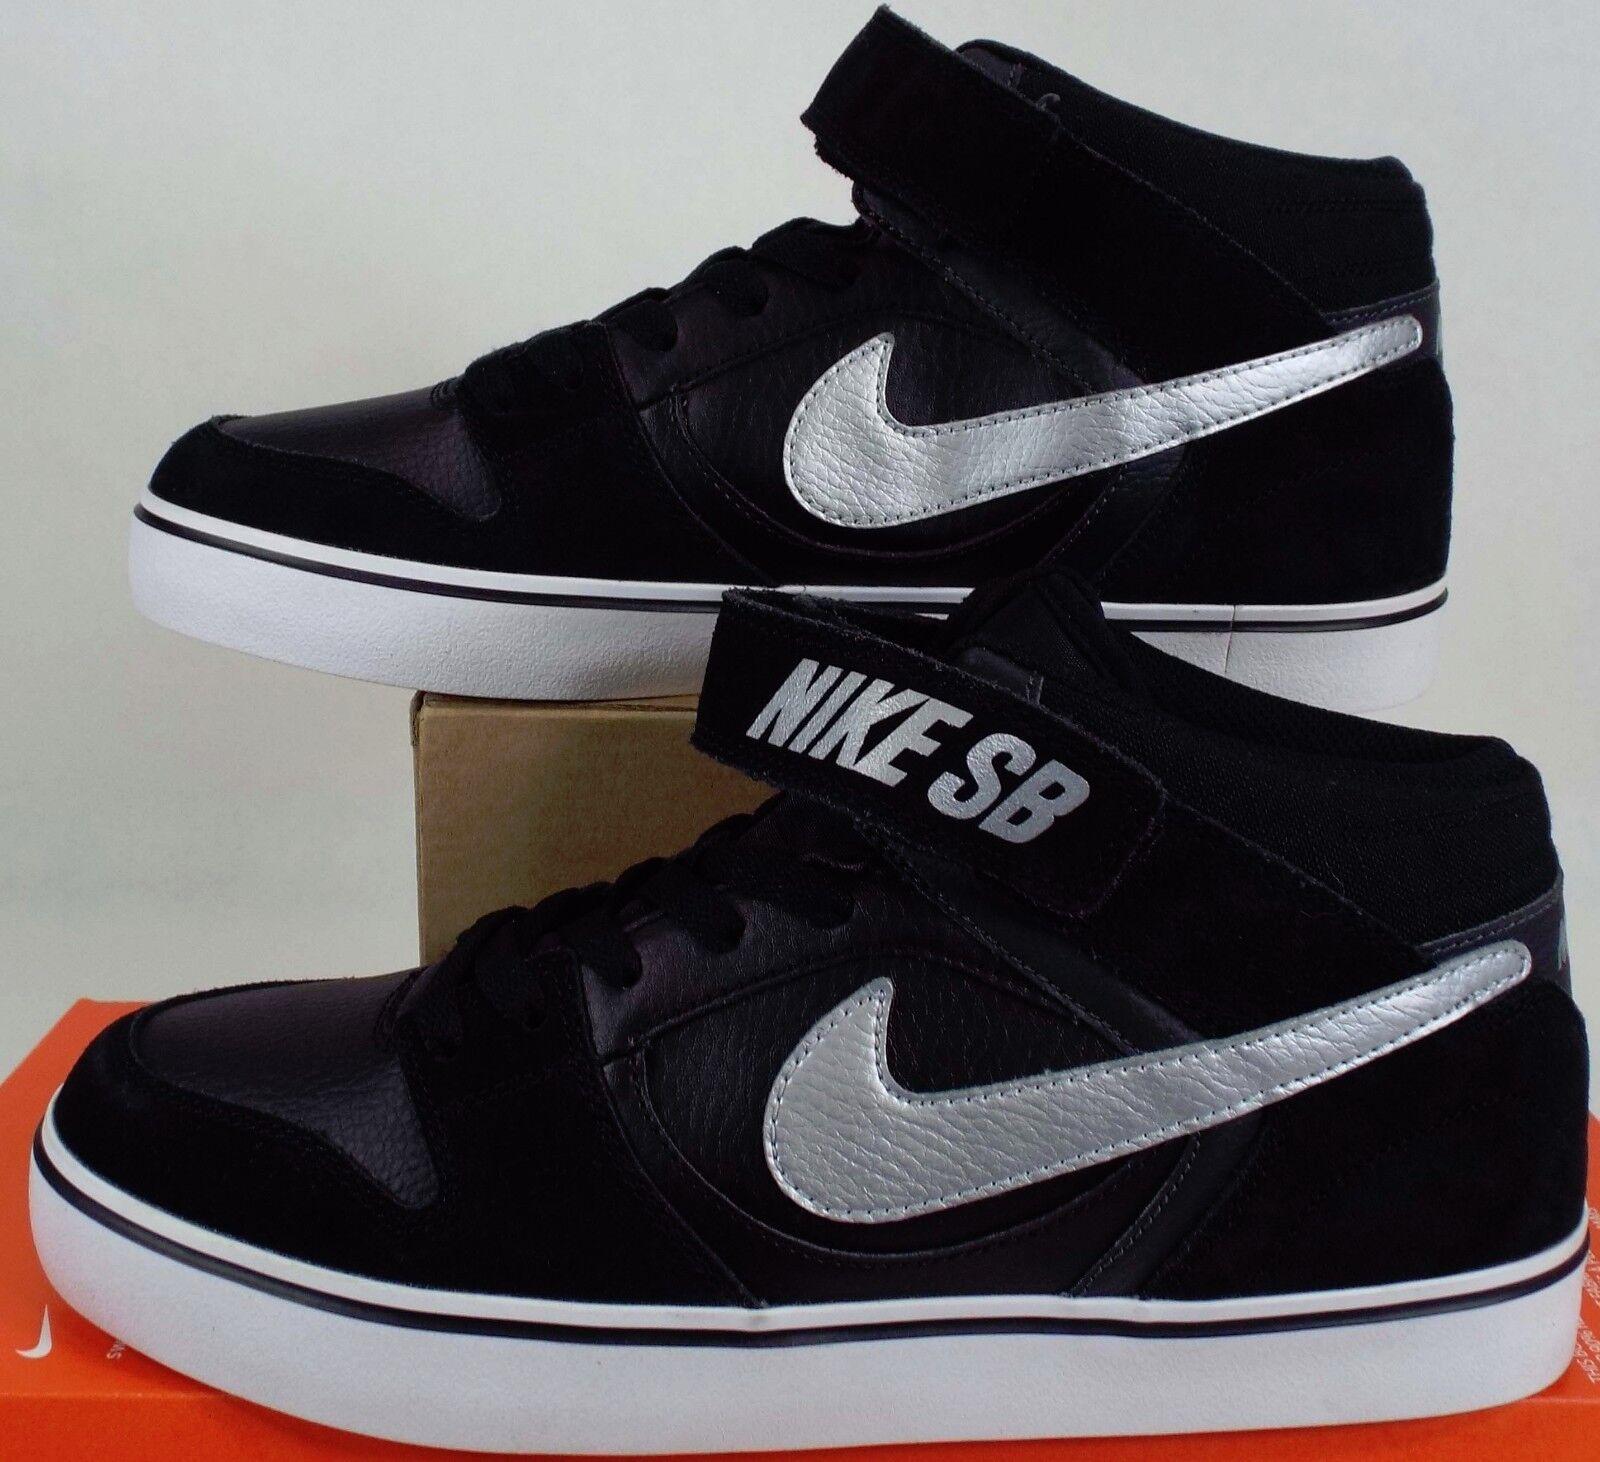 Raro campione nuove Uomo 9 nike sb mogan metà 2 nero argento scarpe scamosciate 703551-001